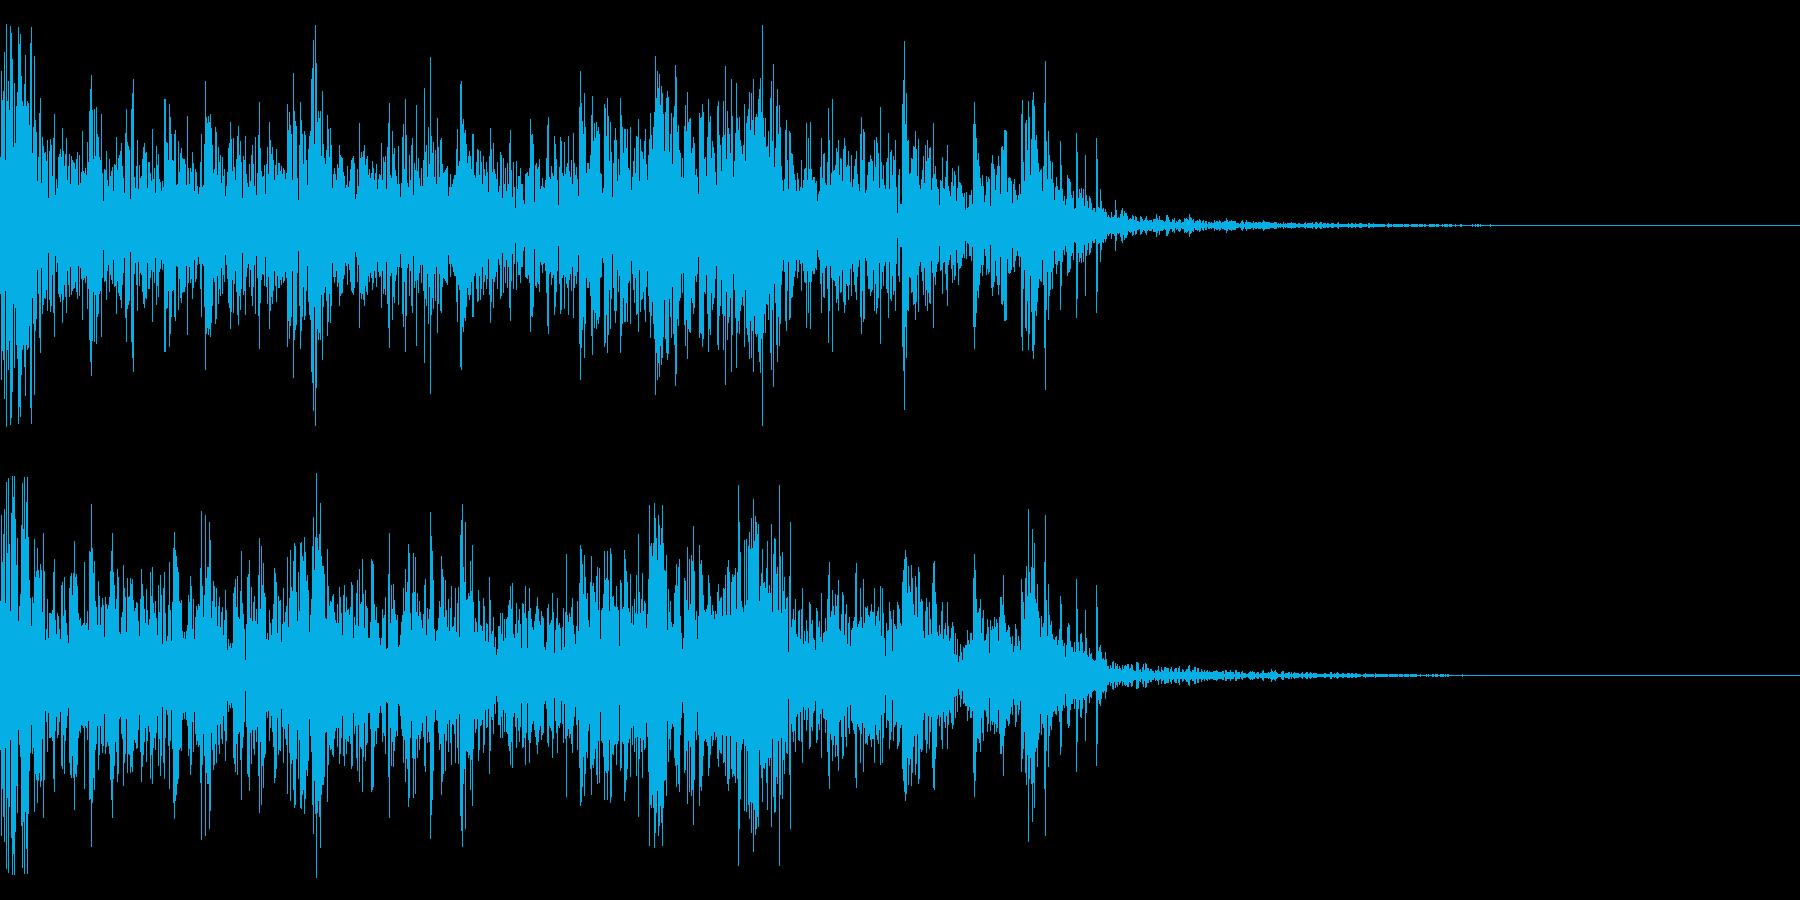 ドンパァ!連続花火のド迫力な効果音!05の再生済みの波形